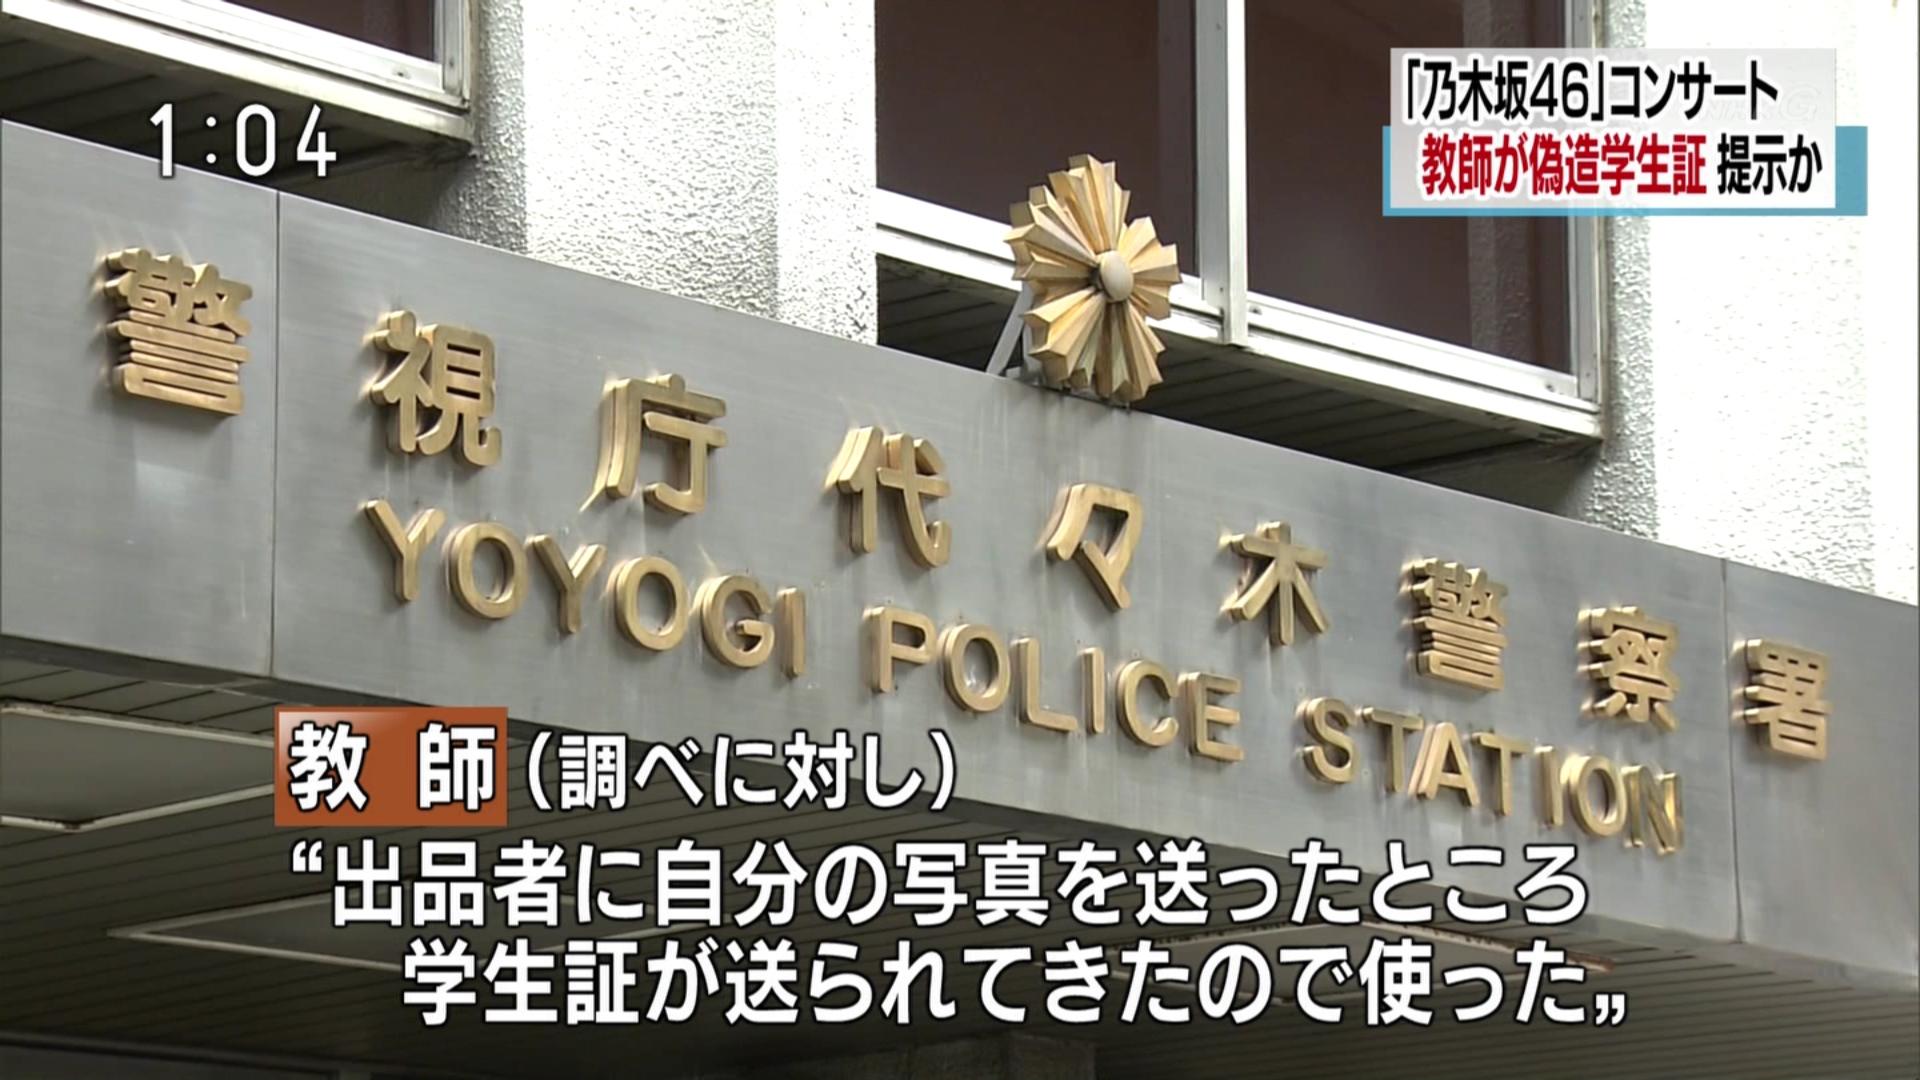 【エンタメ画像】【乃木坂46】 男性教師が乃木坂46ライブにて『偽造学生証』を提示し書類送検へ NHKニュースにて放送